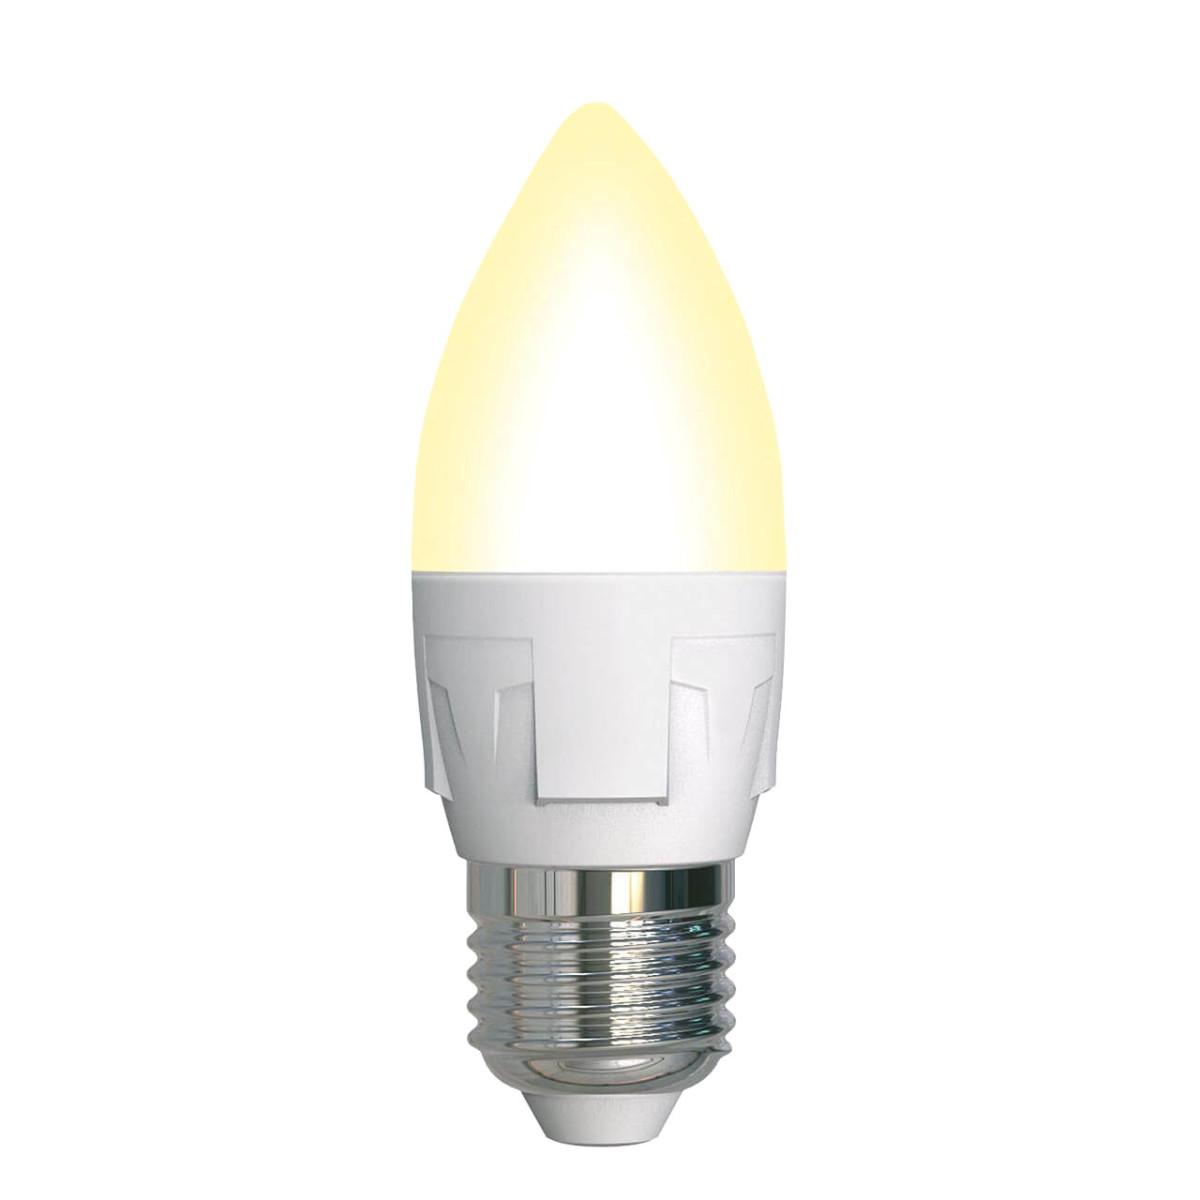 Лампа светодиодная Uniel Яркая Dimmable E27 свеча 600 Лм 7 Вт теплый белый (желтый)